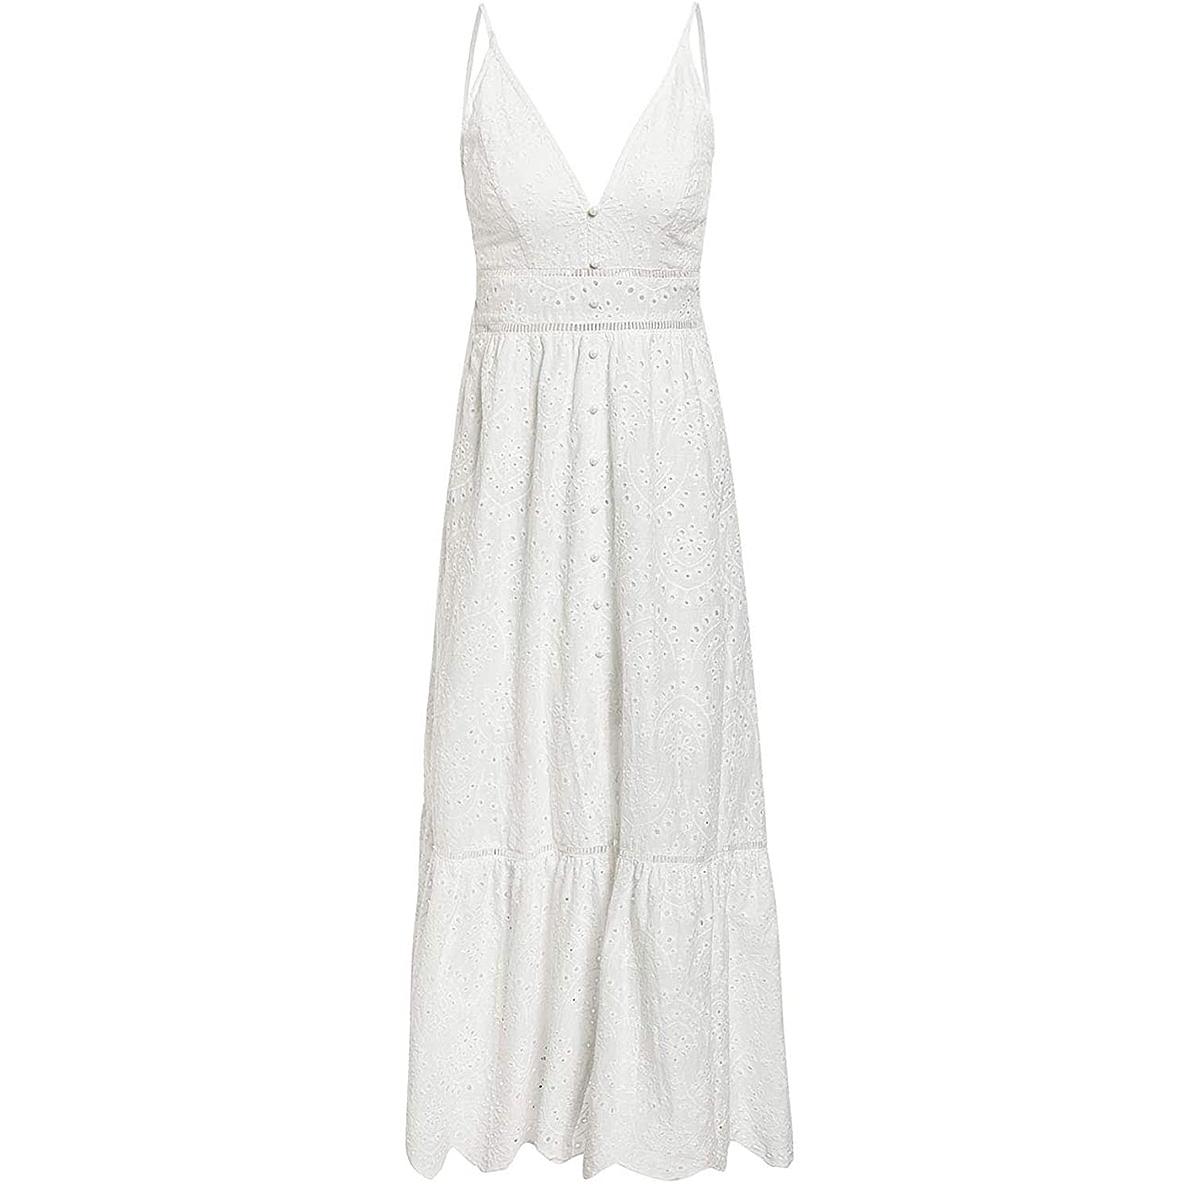 BerryGo Embroidery Pearl Button V Neck Spaghetti Strap Maxi Dress